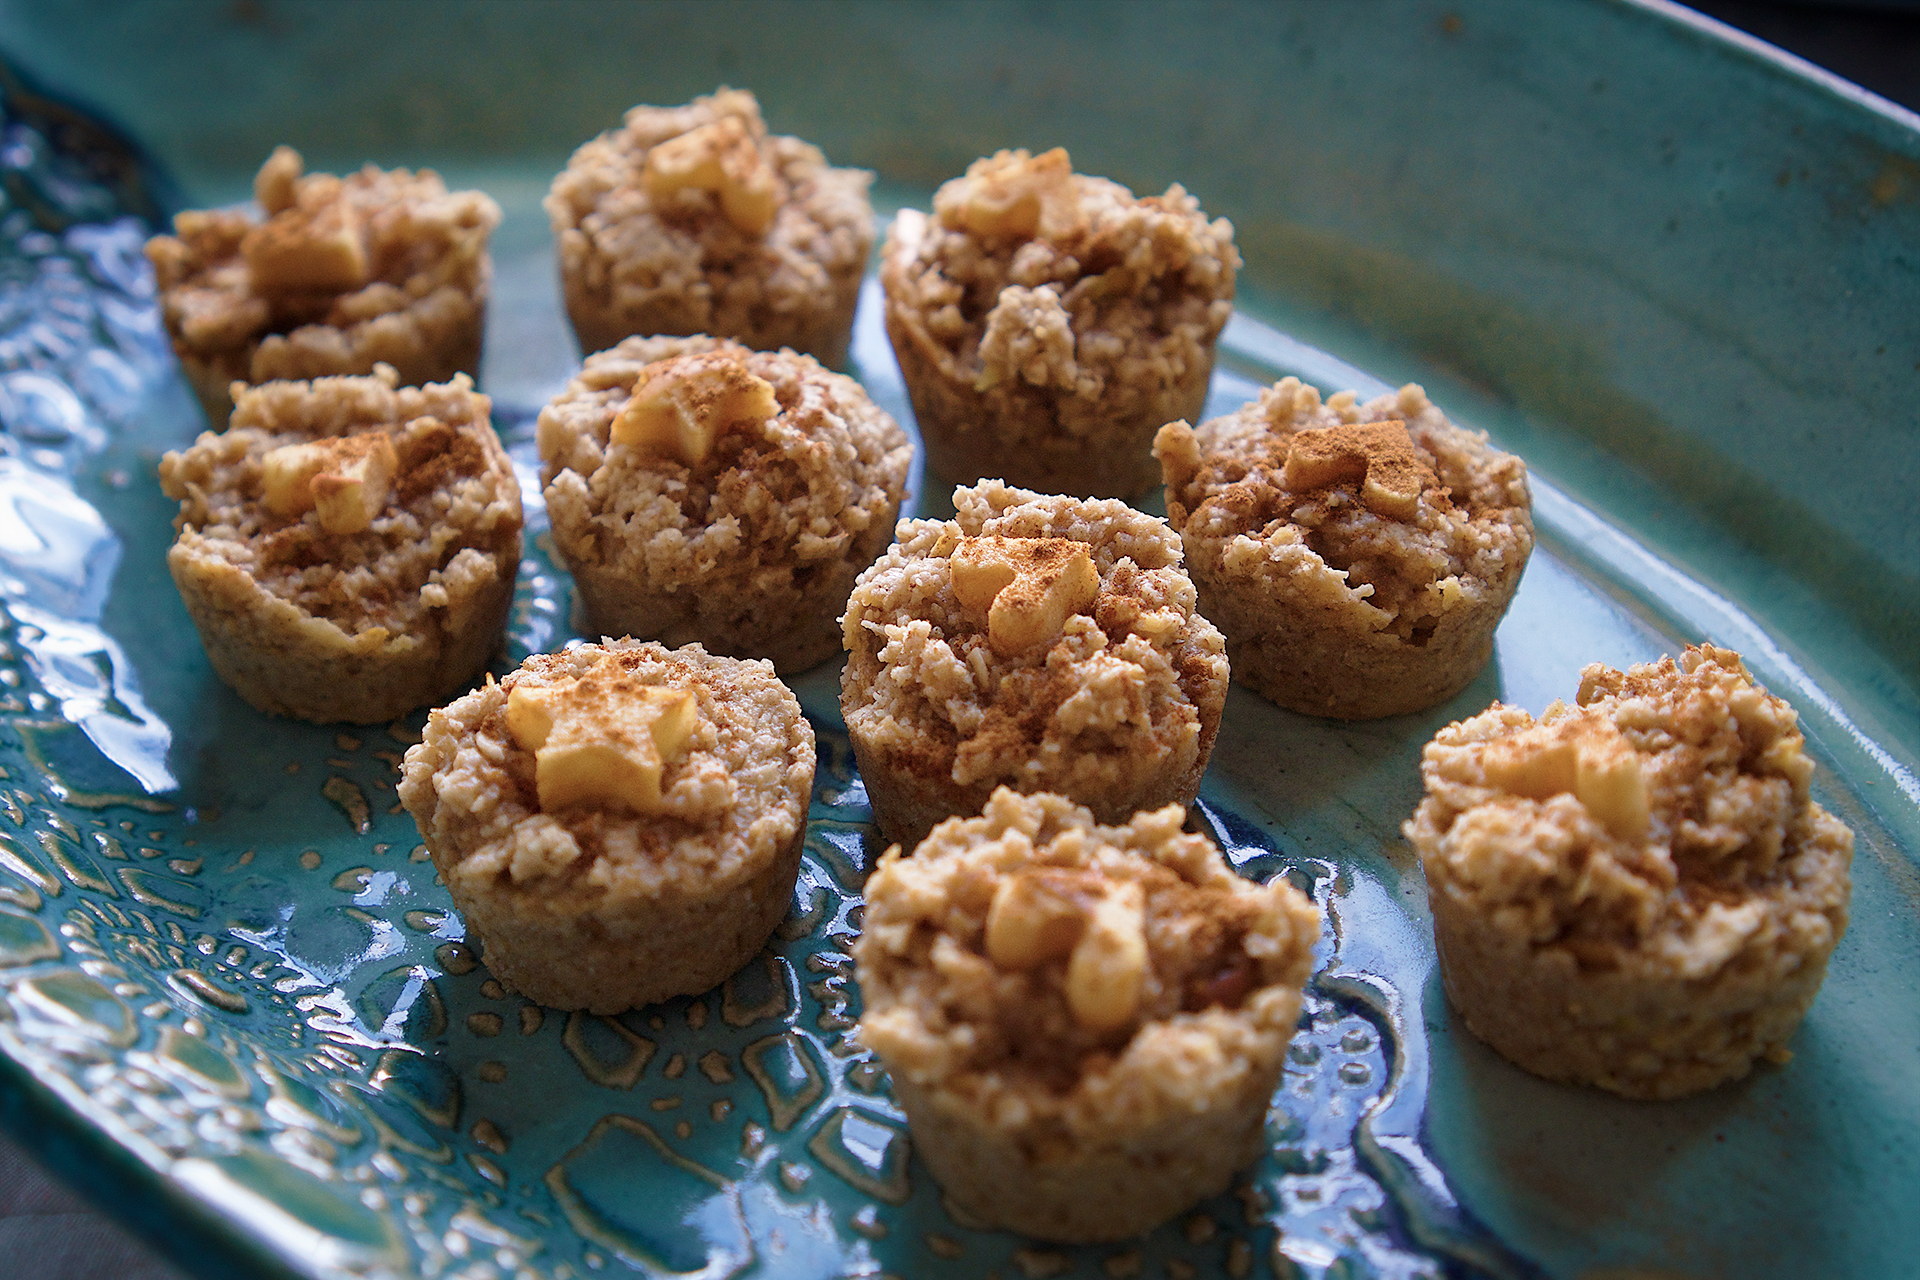 The mini-muffins. :)